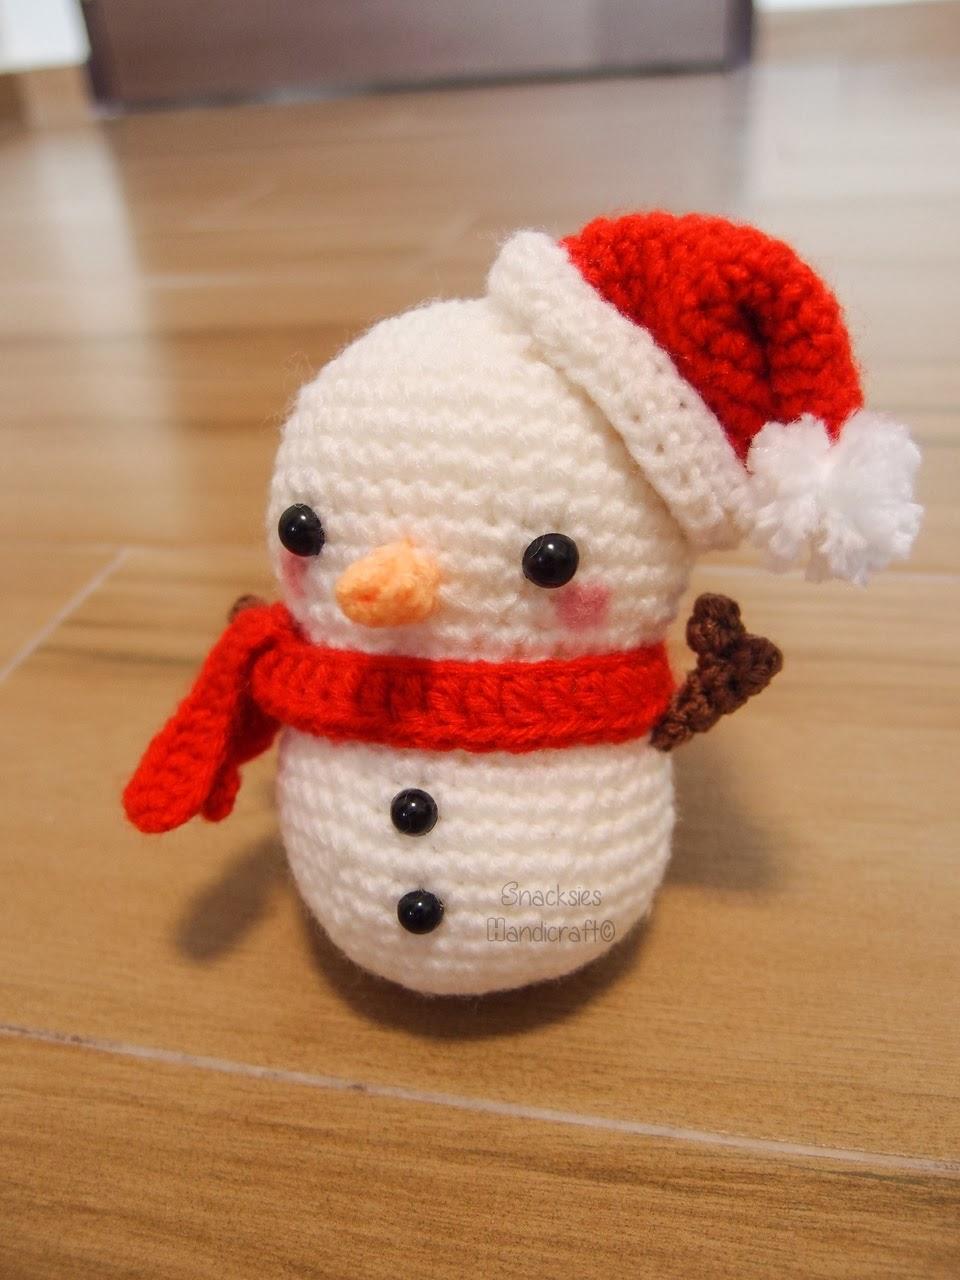 Snowman Amigurumi ~ Snacksies Handicraft Corner